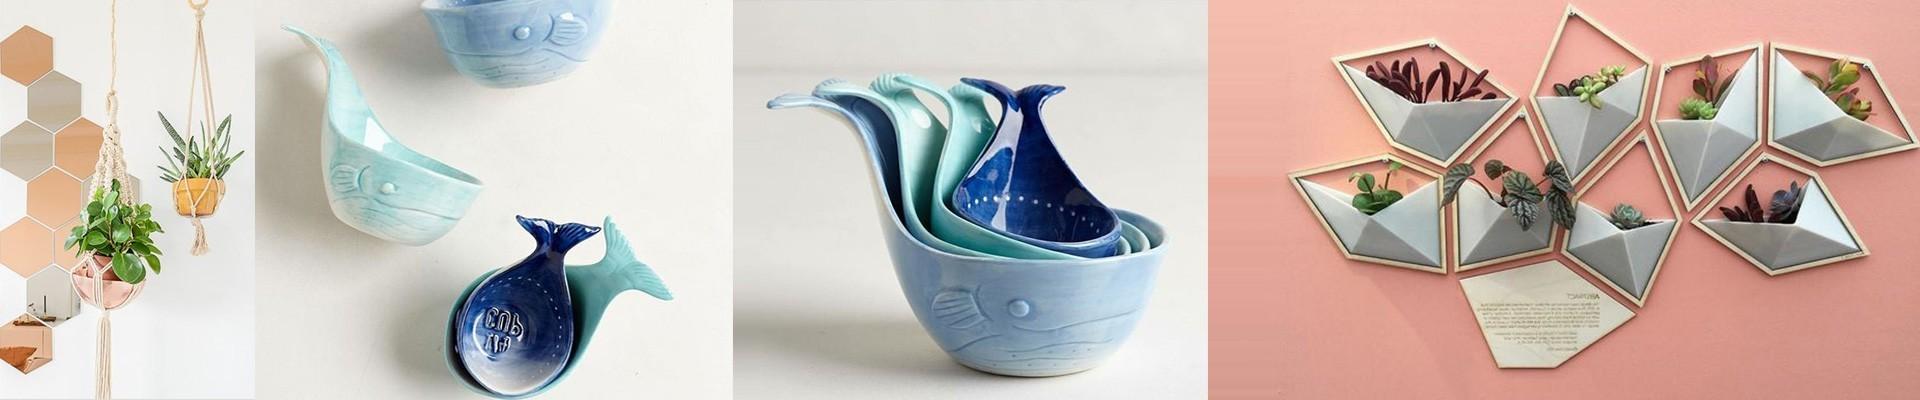 Các sản phẩm gốm sứ thủy tinh ceramic tổng hợp cao cấp